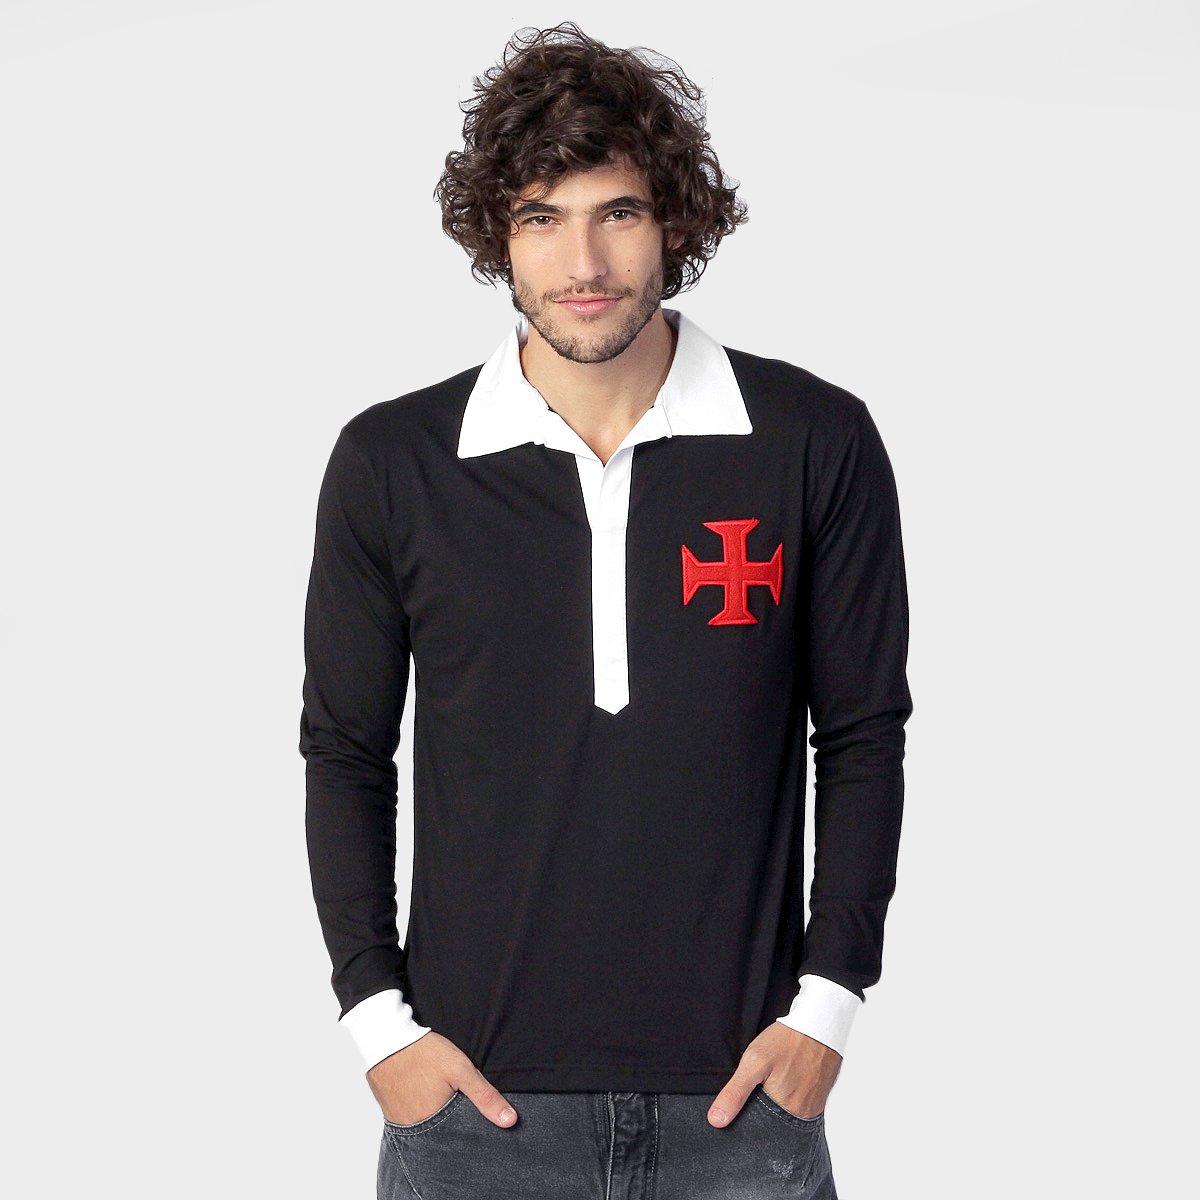 Camisa Polo Vasco Retrô 1923 M L - Retrô - Compre Agora  73e043004c0d8